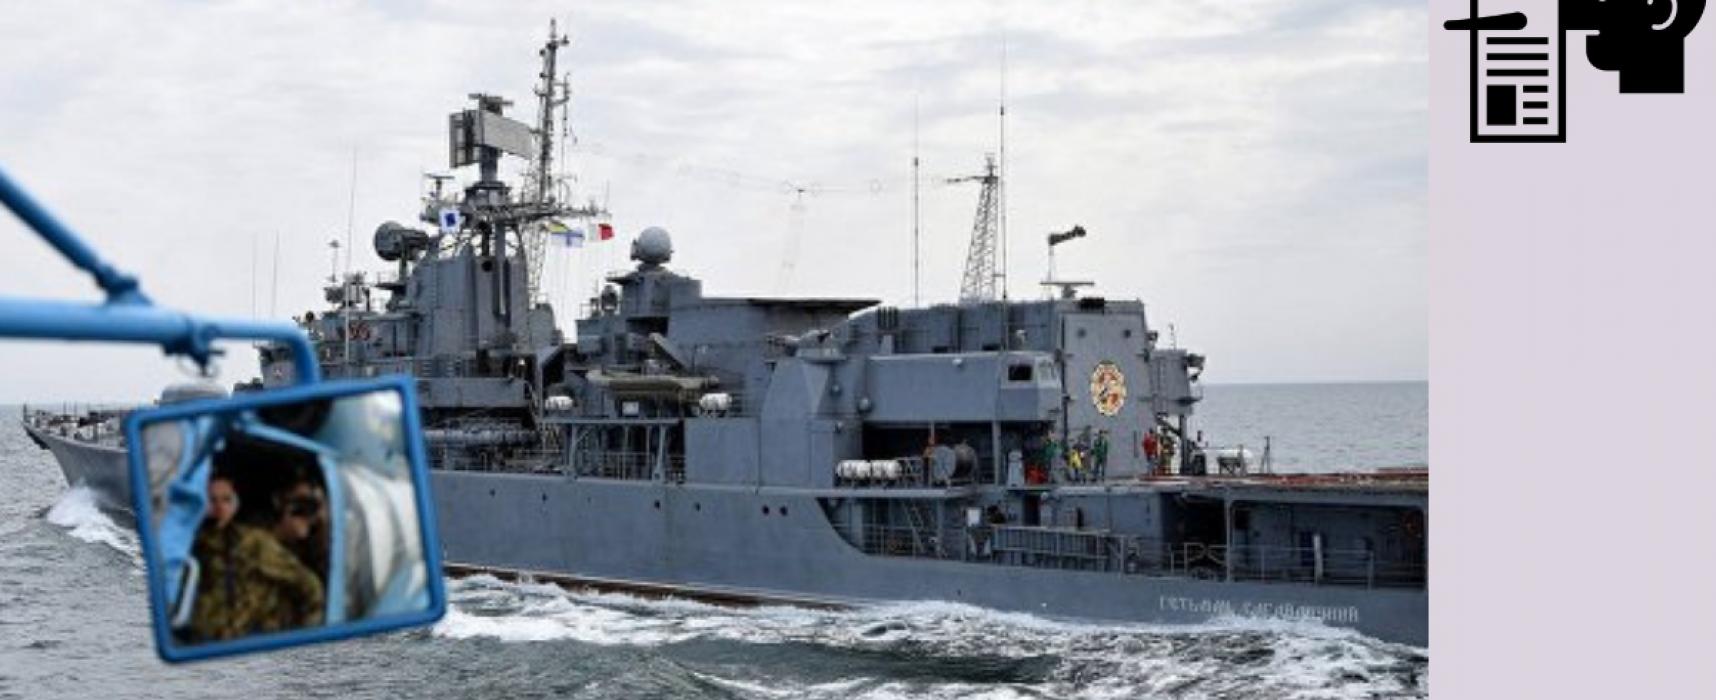 Фейк: Україна затримуватиме в Чорному морі усі судна РФ і стрілятиме на ураження